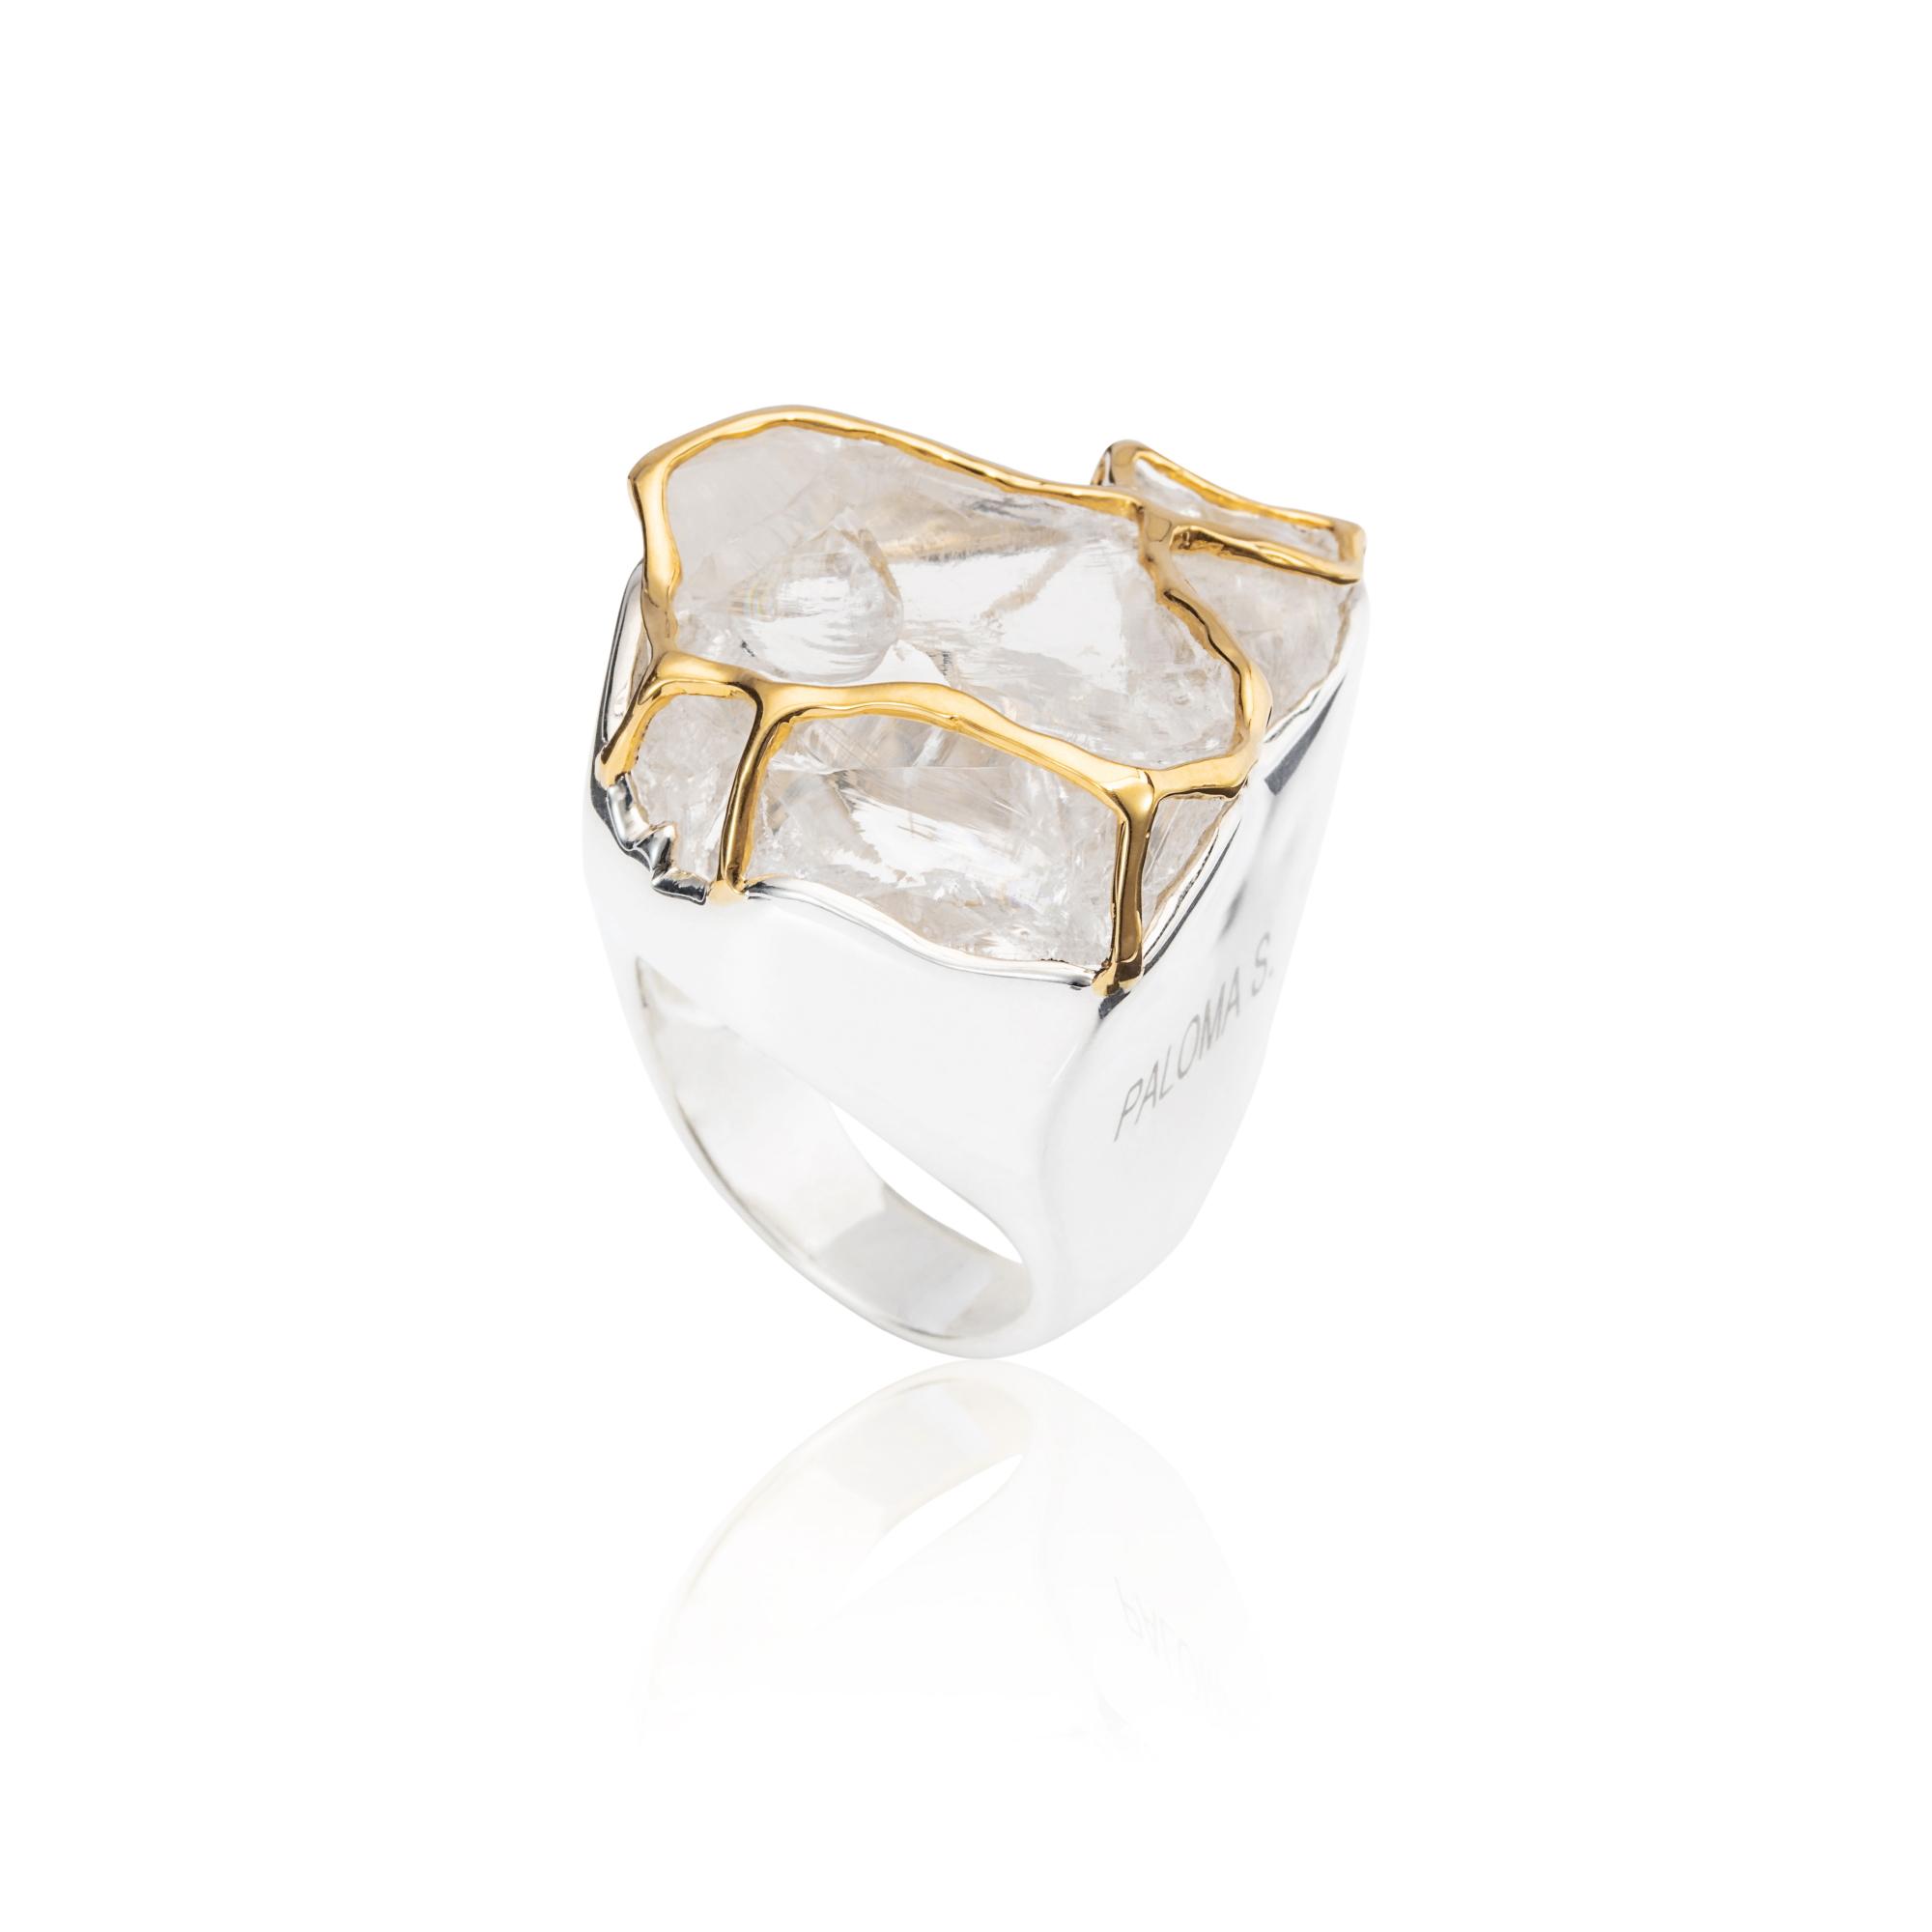 巴西白水晶原石,18K黄金镶边,925银镀18K白金戒指